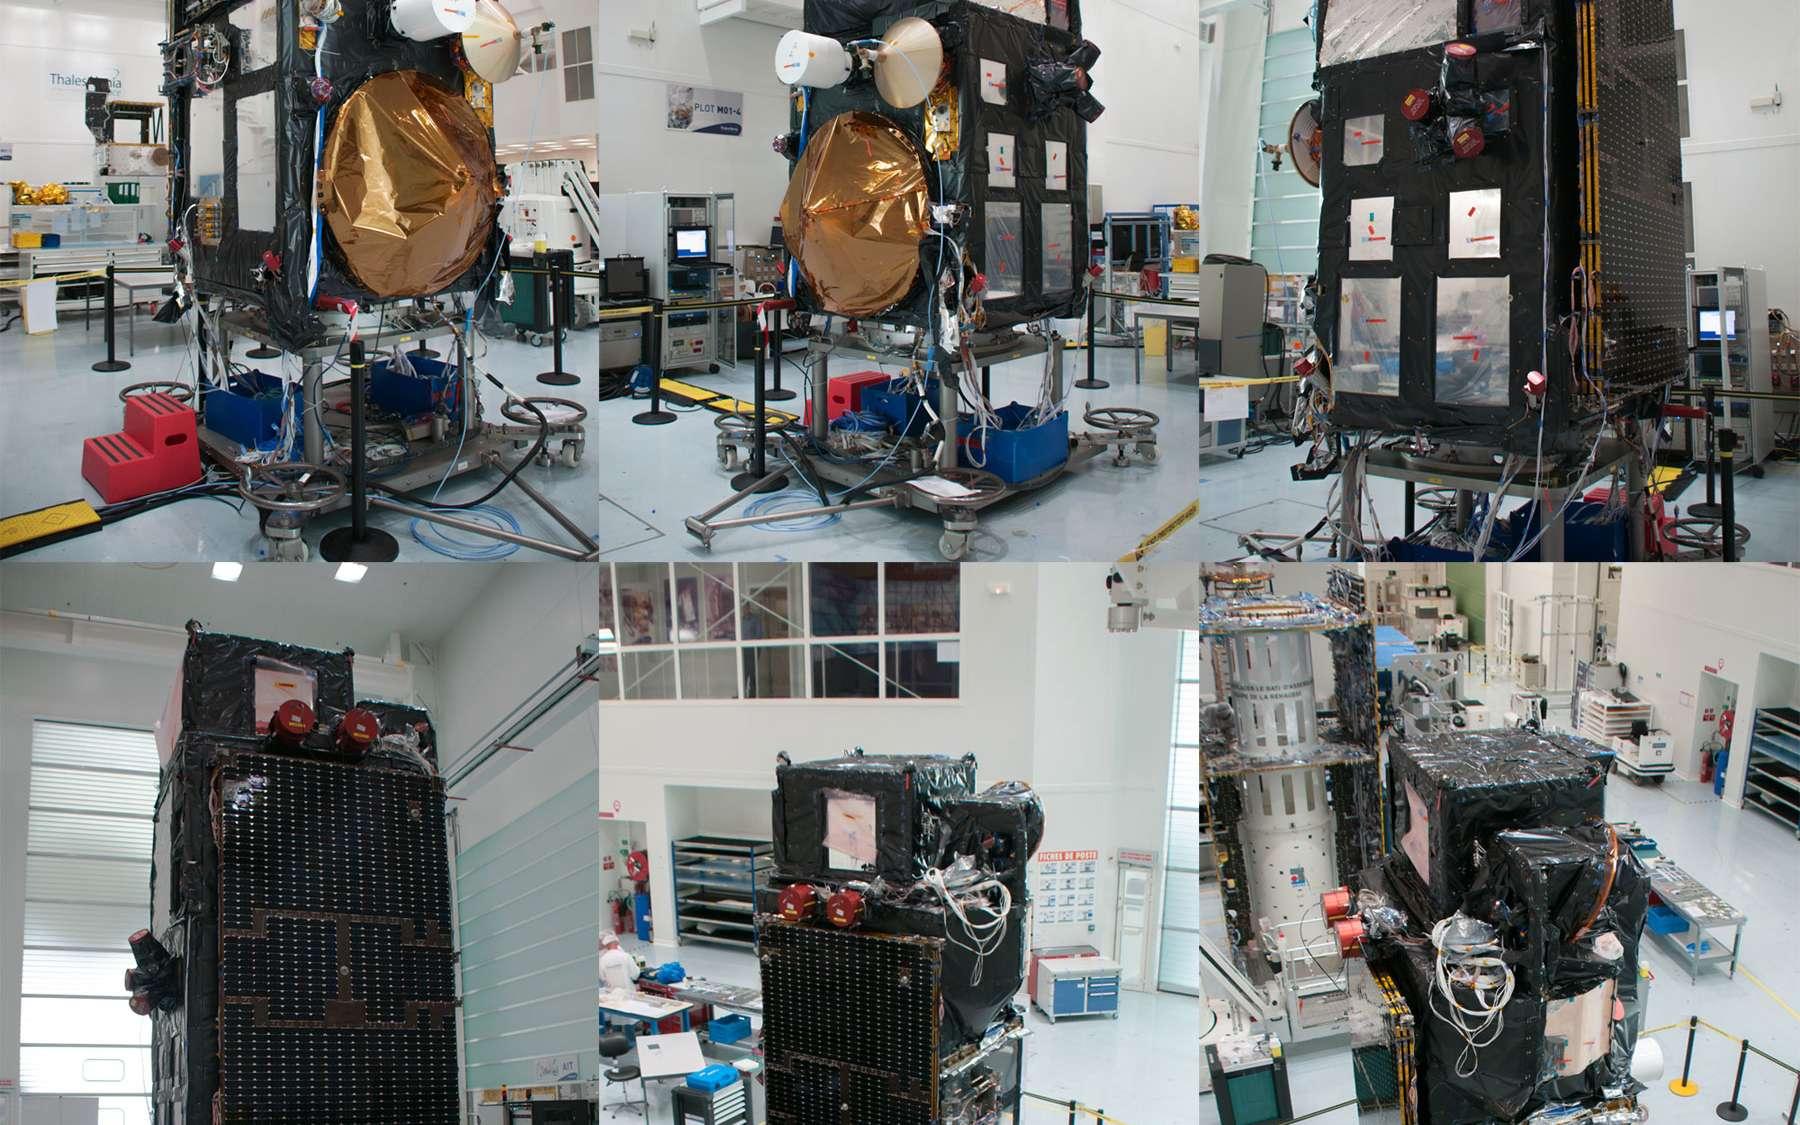 Le satellite d'observation de la Terre Sentinel 3 vu sous six angles différents dans l'usine cannoise de Thales Alenia Space. © Rémy Decourt